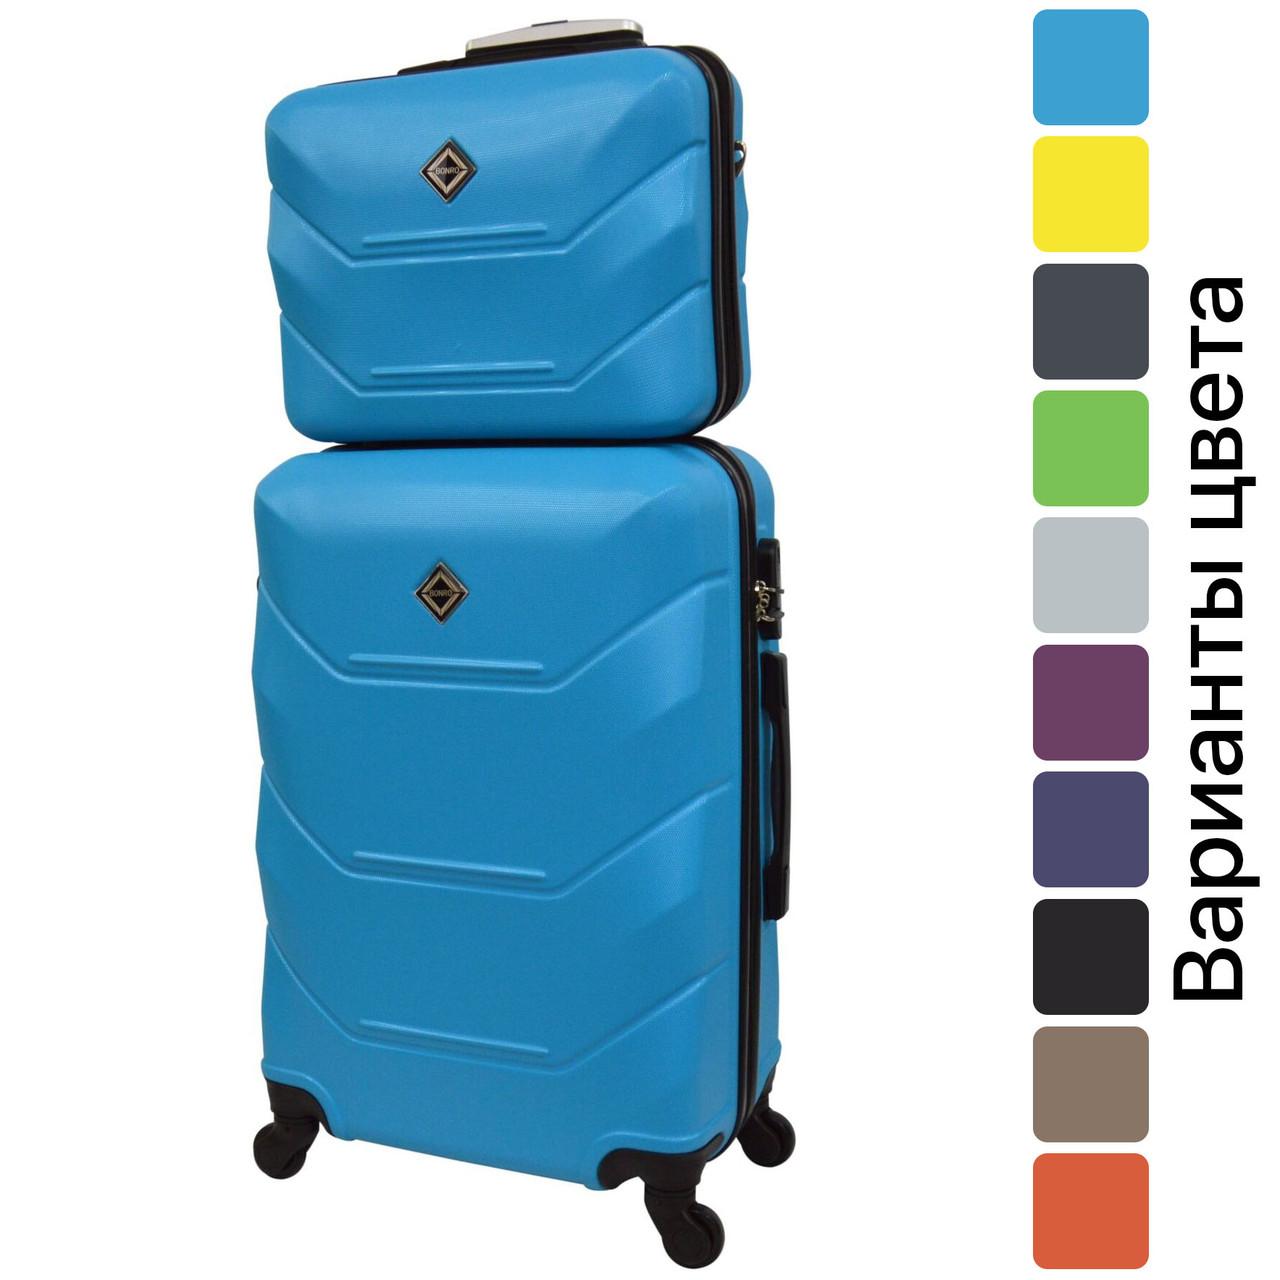 Комплект валіза + кейс Bonro 2019 невеликий дорожній набір